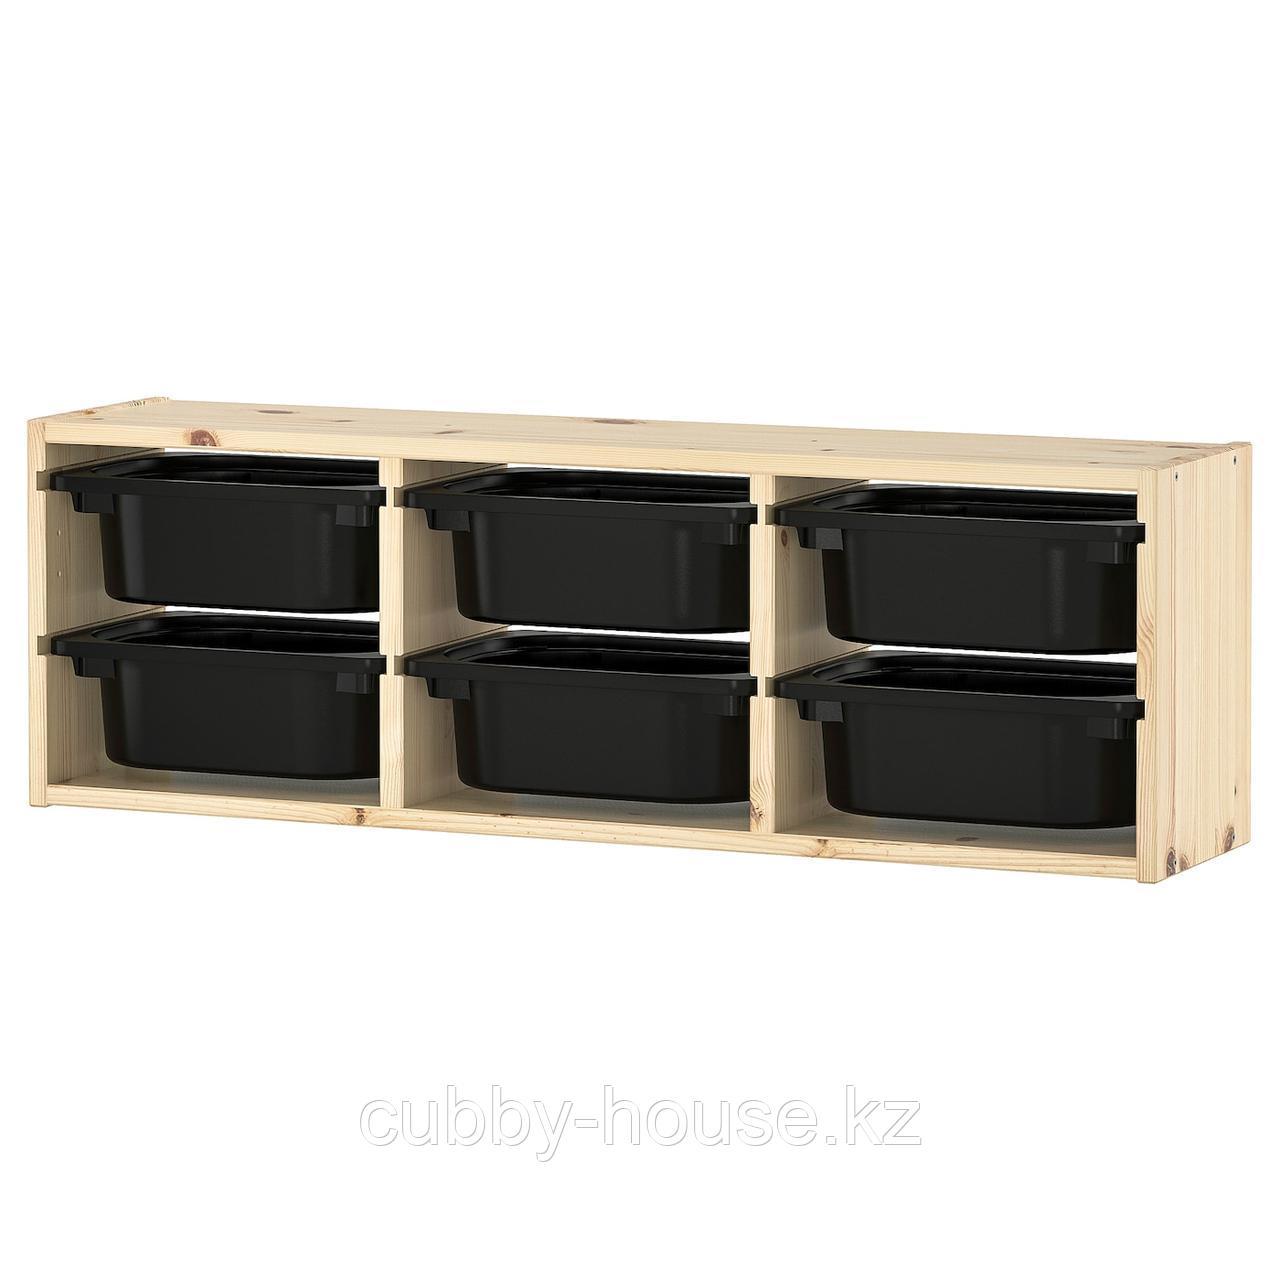 ТРУФАСТ Настенный модуль для хранения, светлая беленая сосна, белый, 93x21x30 см